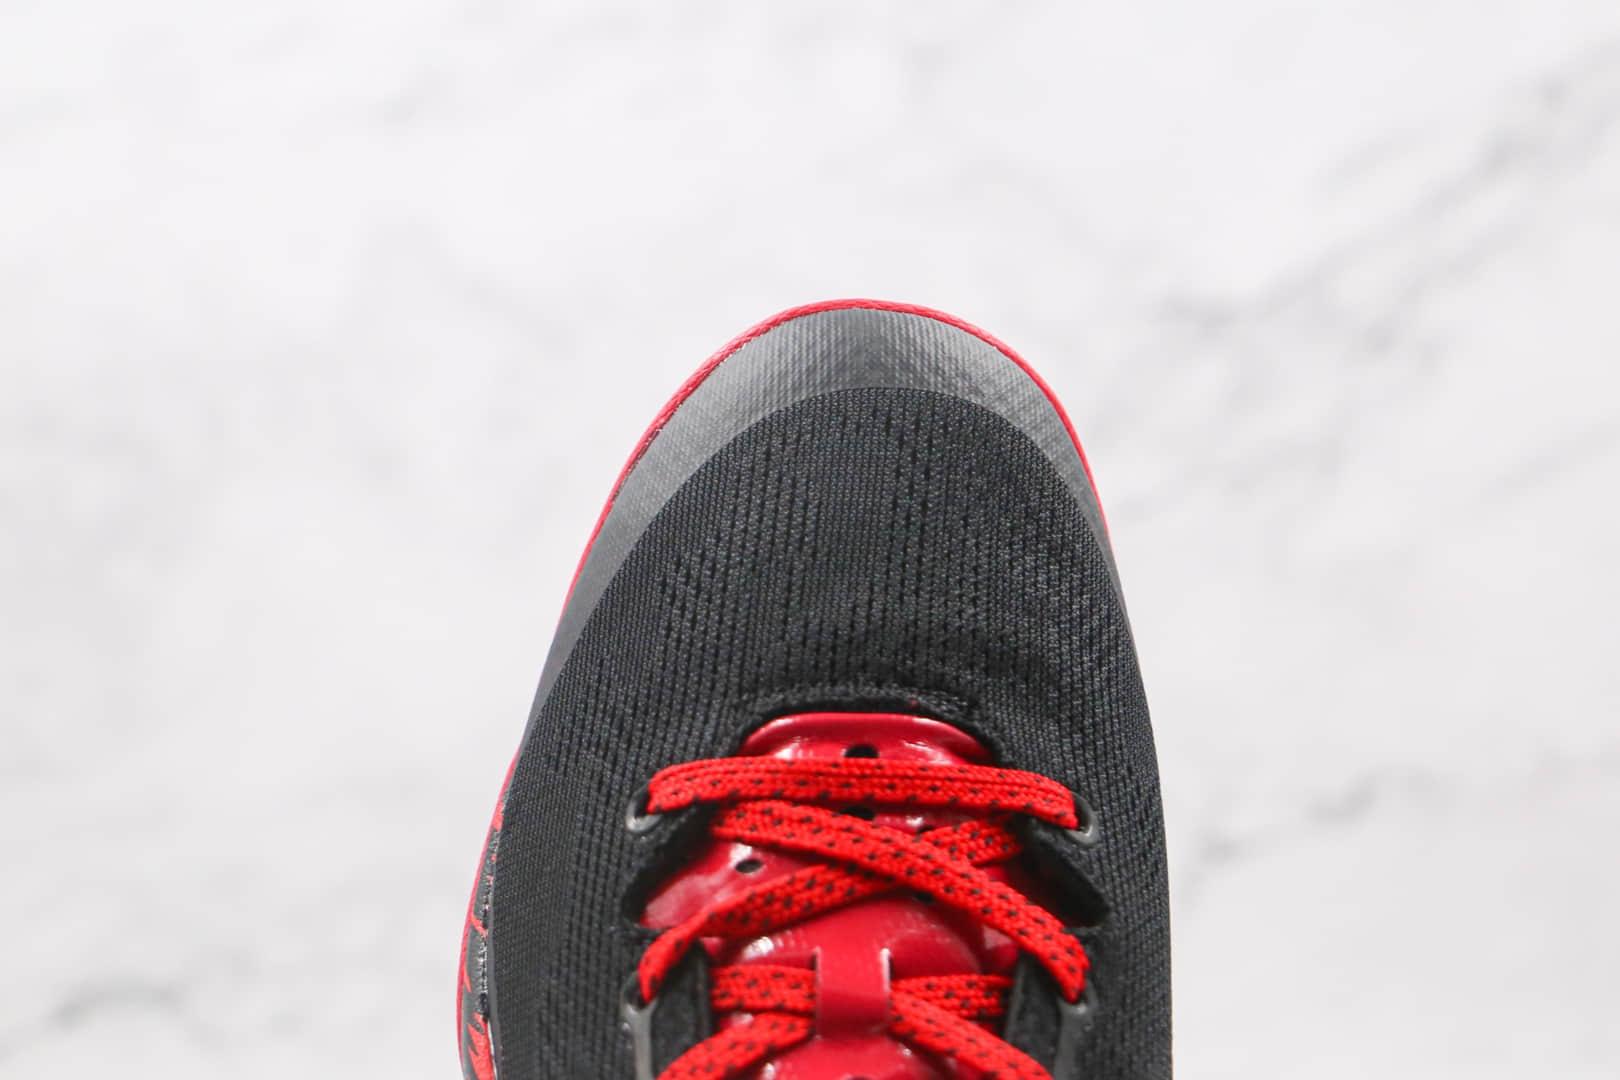 耐克Nike Kobe 8 System纯原版本科比8代黑红反光钩篮球鞋内置真实碳板气垫 货号:613959-002